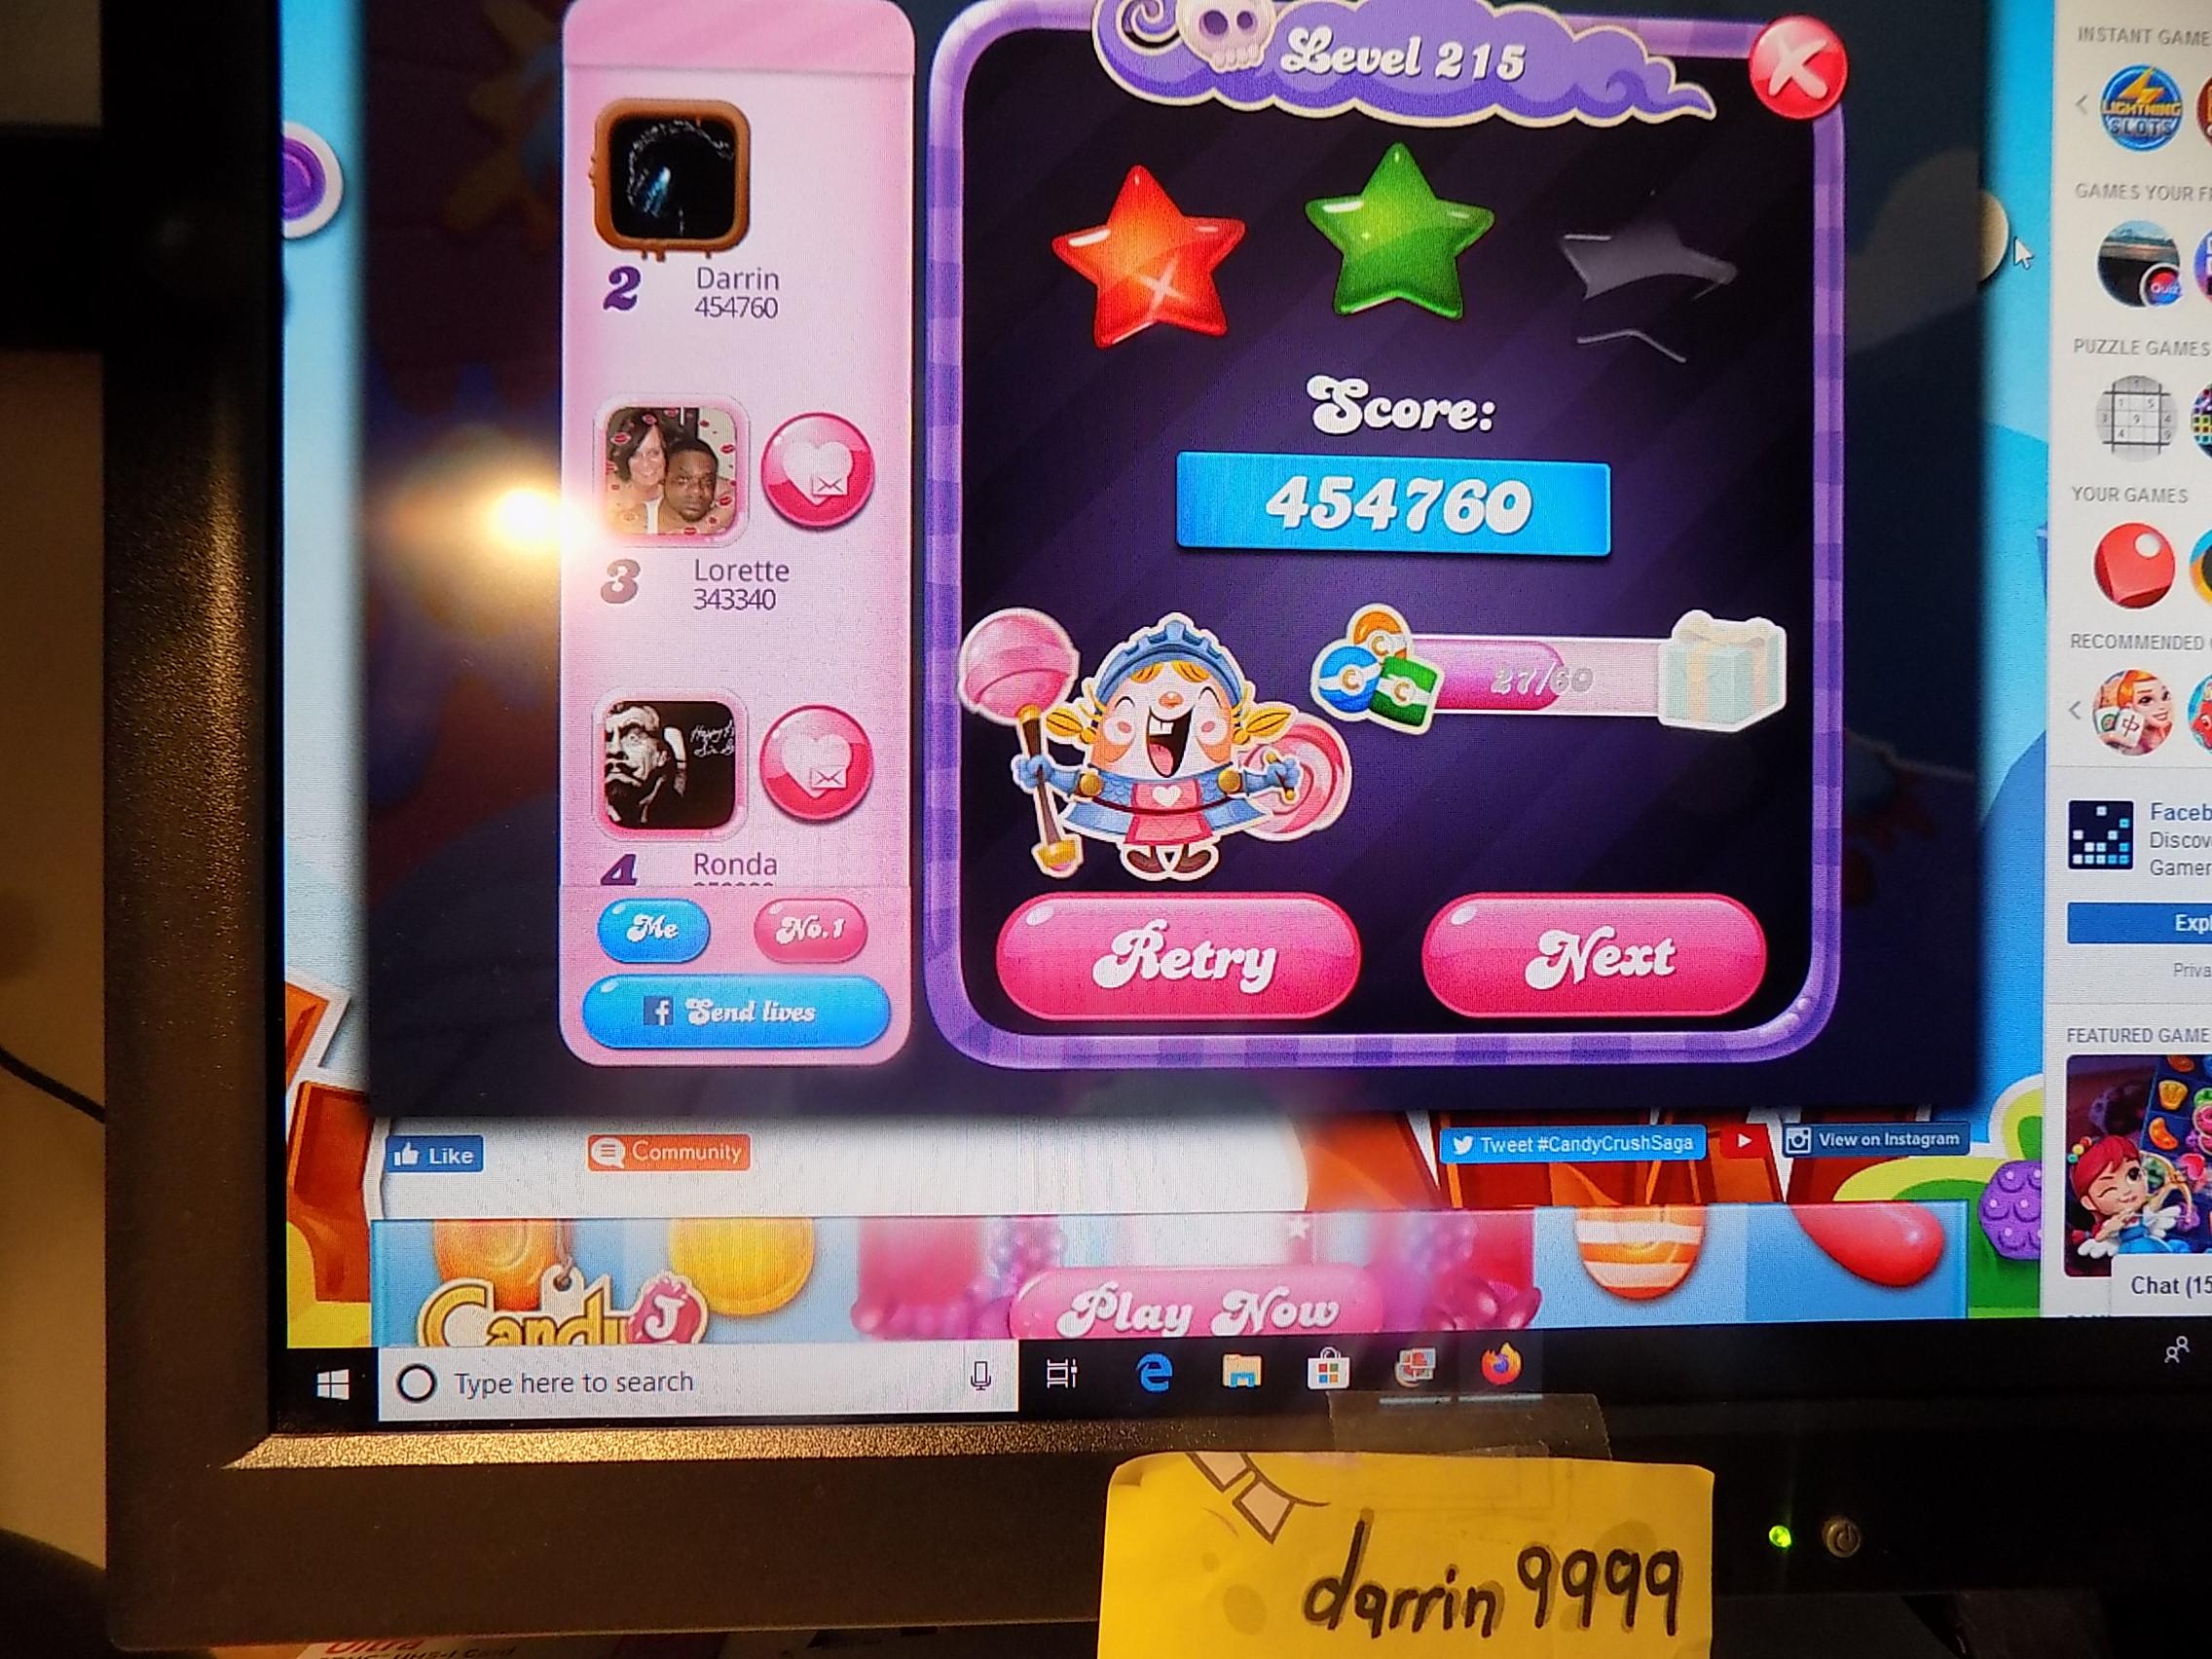 darrin9999: Candy Crush Saga: Level 215 (Web) 454,760 points on 2019-11-18 06:44:25